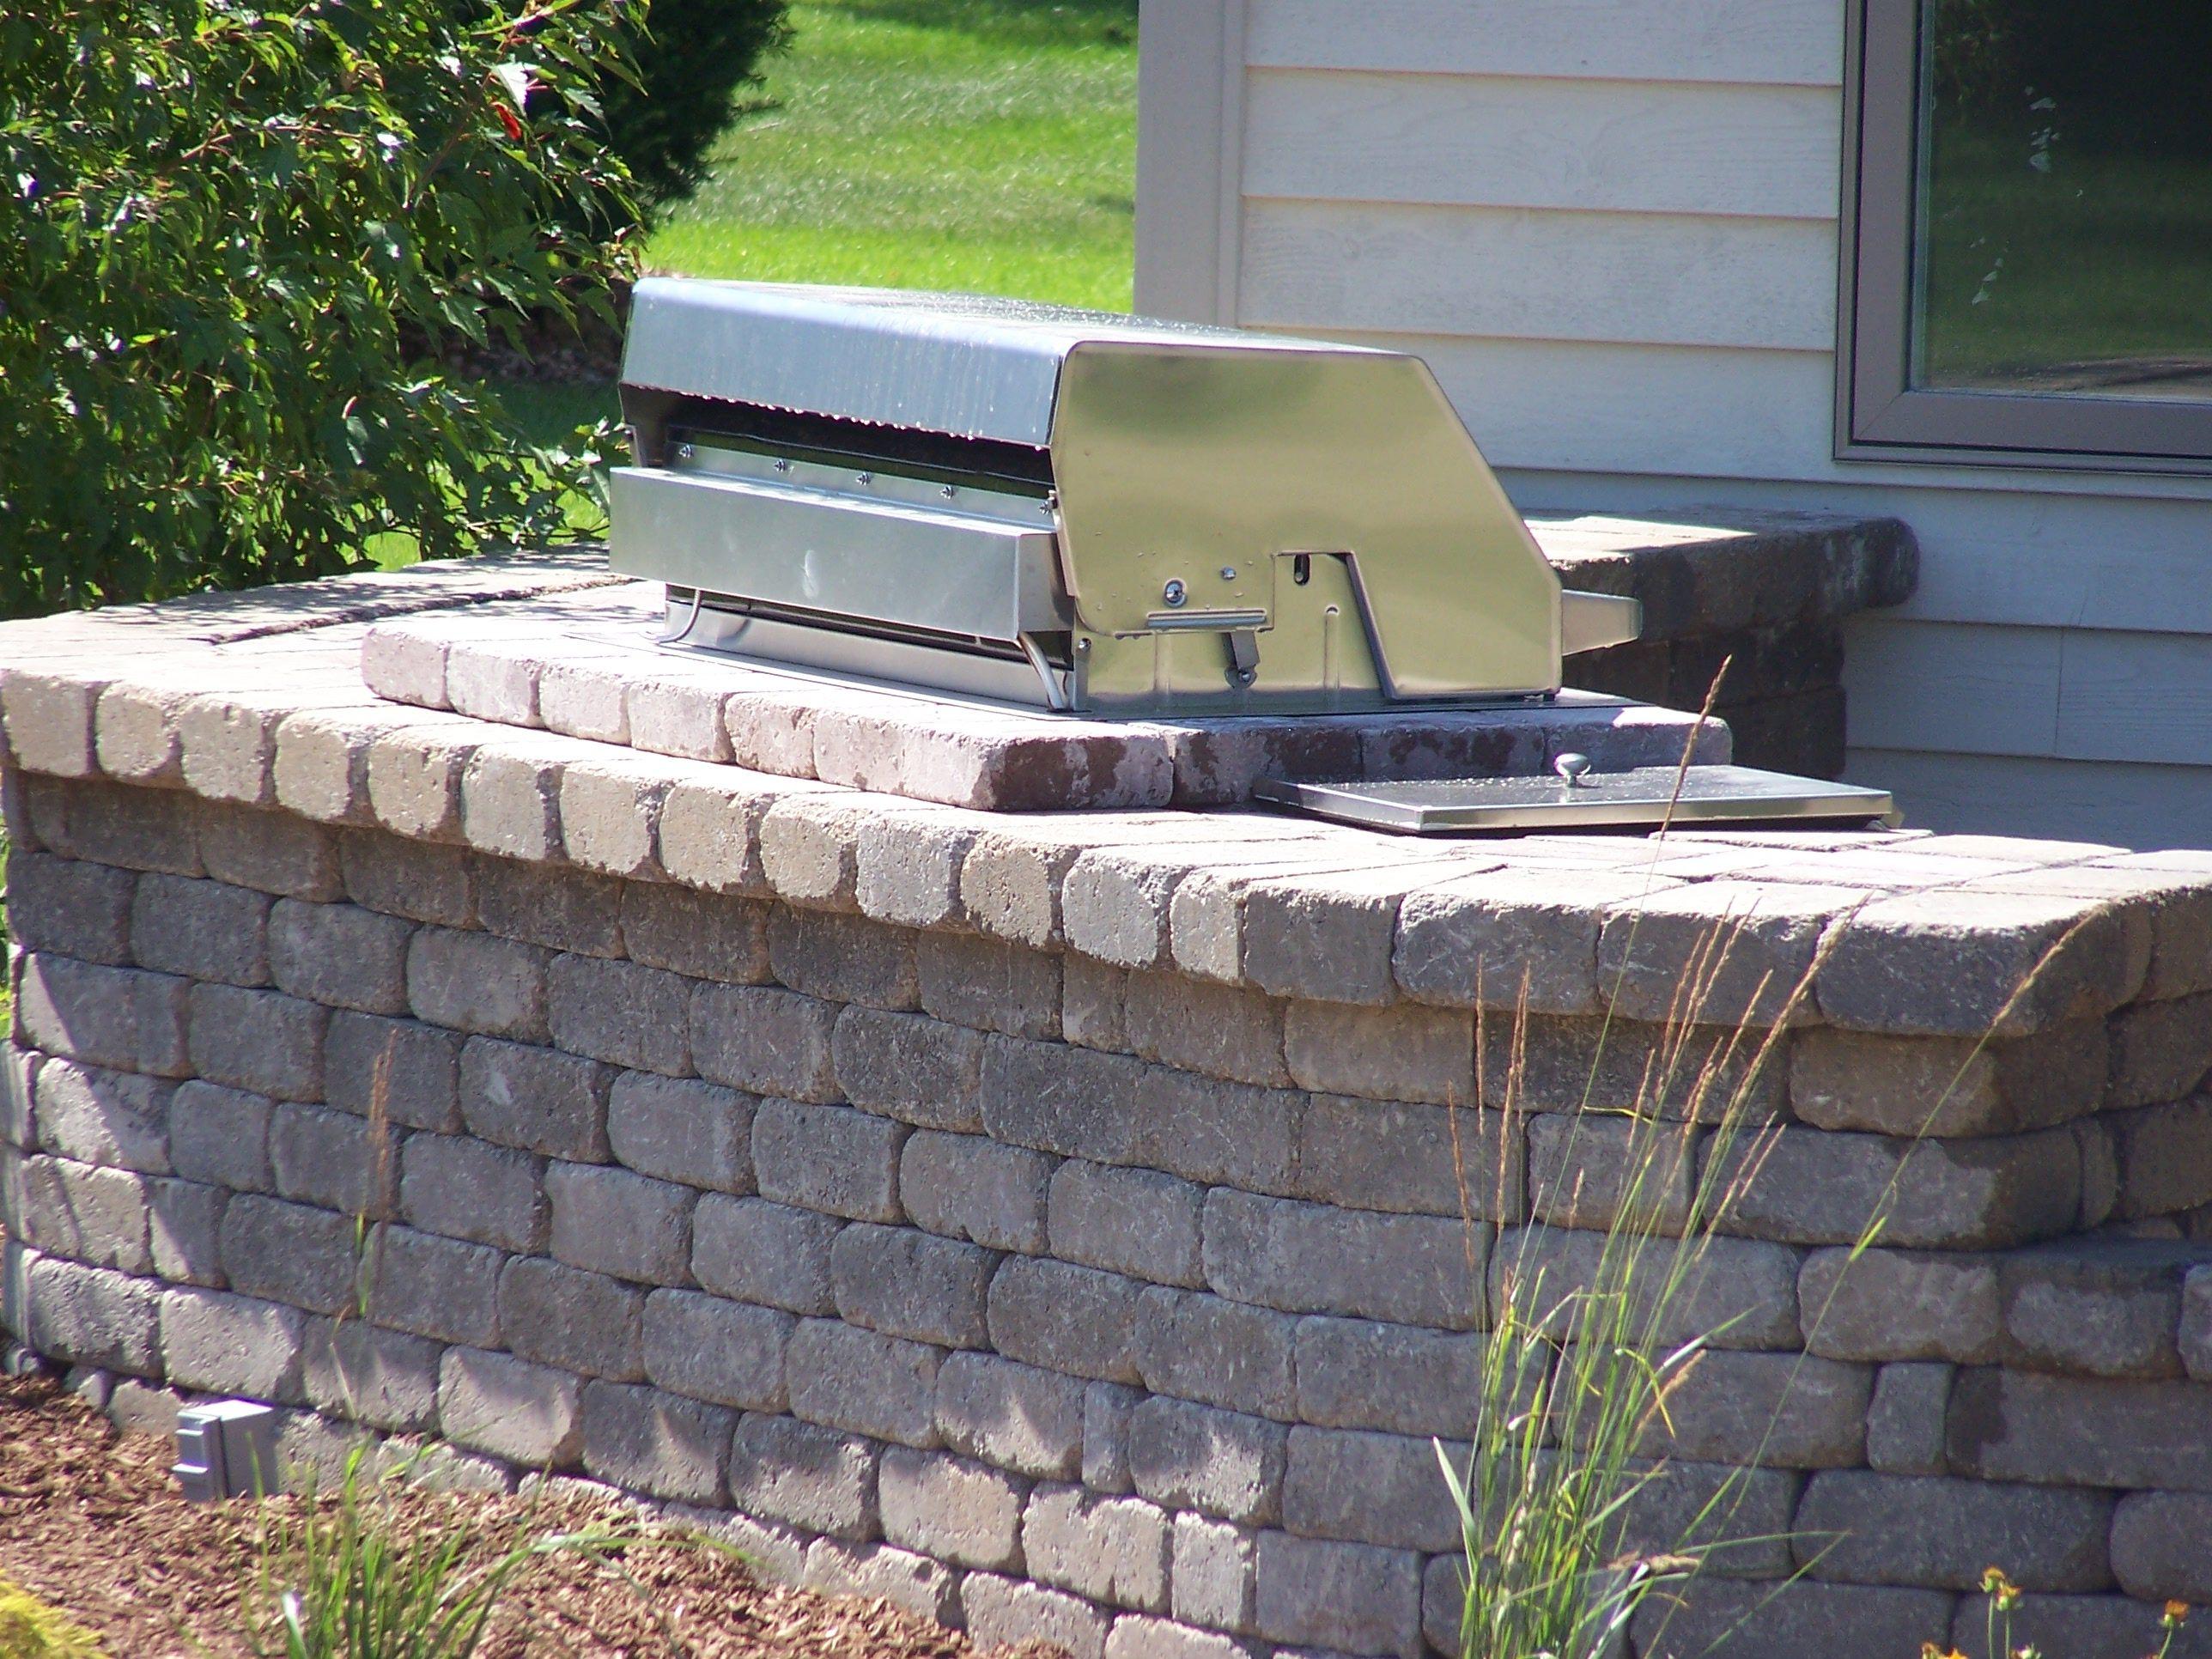 Stone patio wall ideas - Belgard Retaining Wall Blocks Weston Wall Block Retaining Wall Blocksretaining Wallspatio Ideas